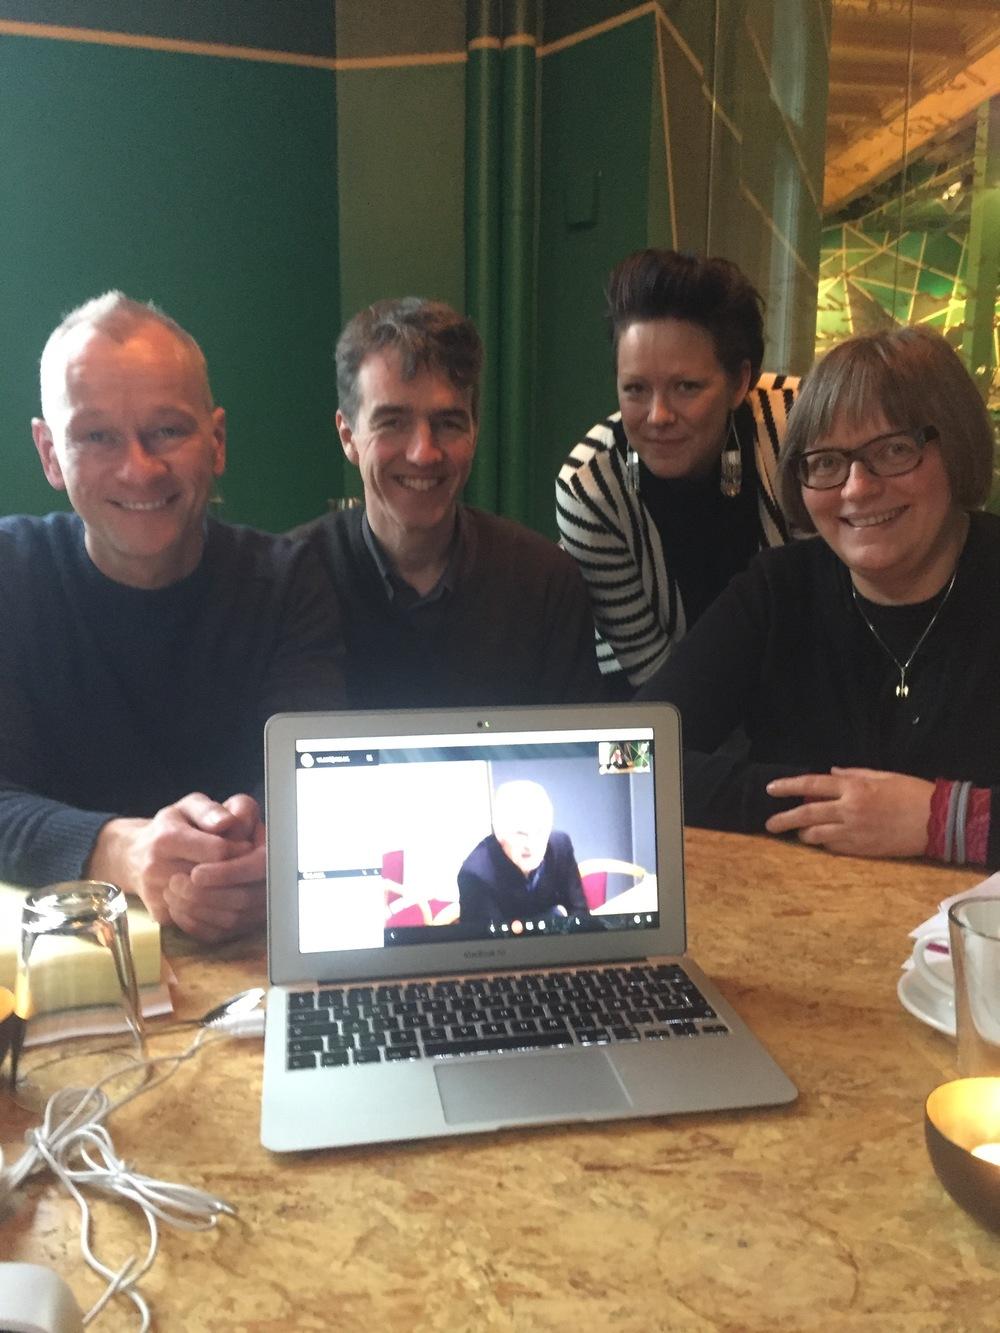 Frå venstre: Espen, Åsmund, Eline og Turid. På skjermen: Karl Ole og Kjetil. Bak kamera: Eli.